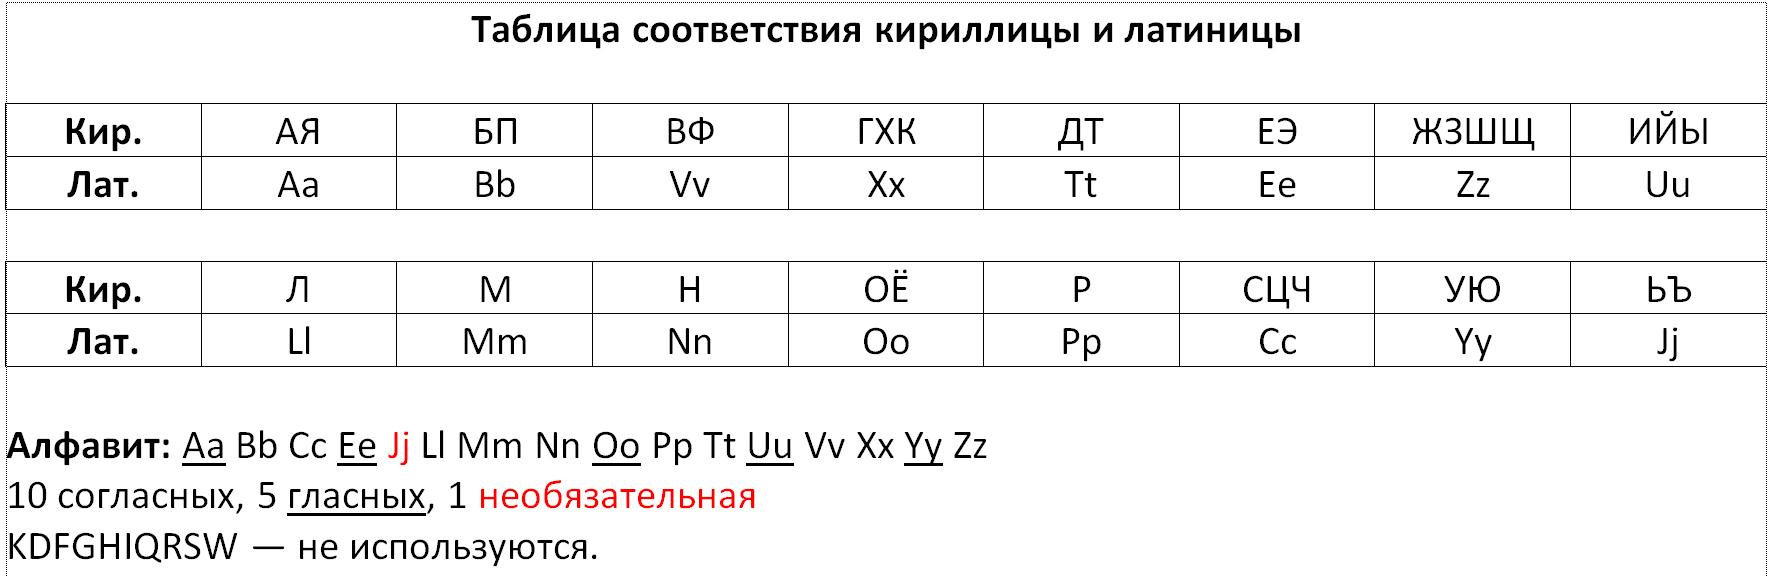 Вариант записи текстов на русском языке с помощью латиницы